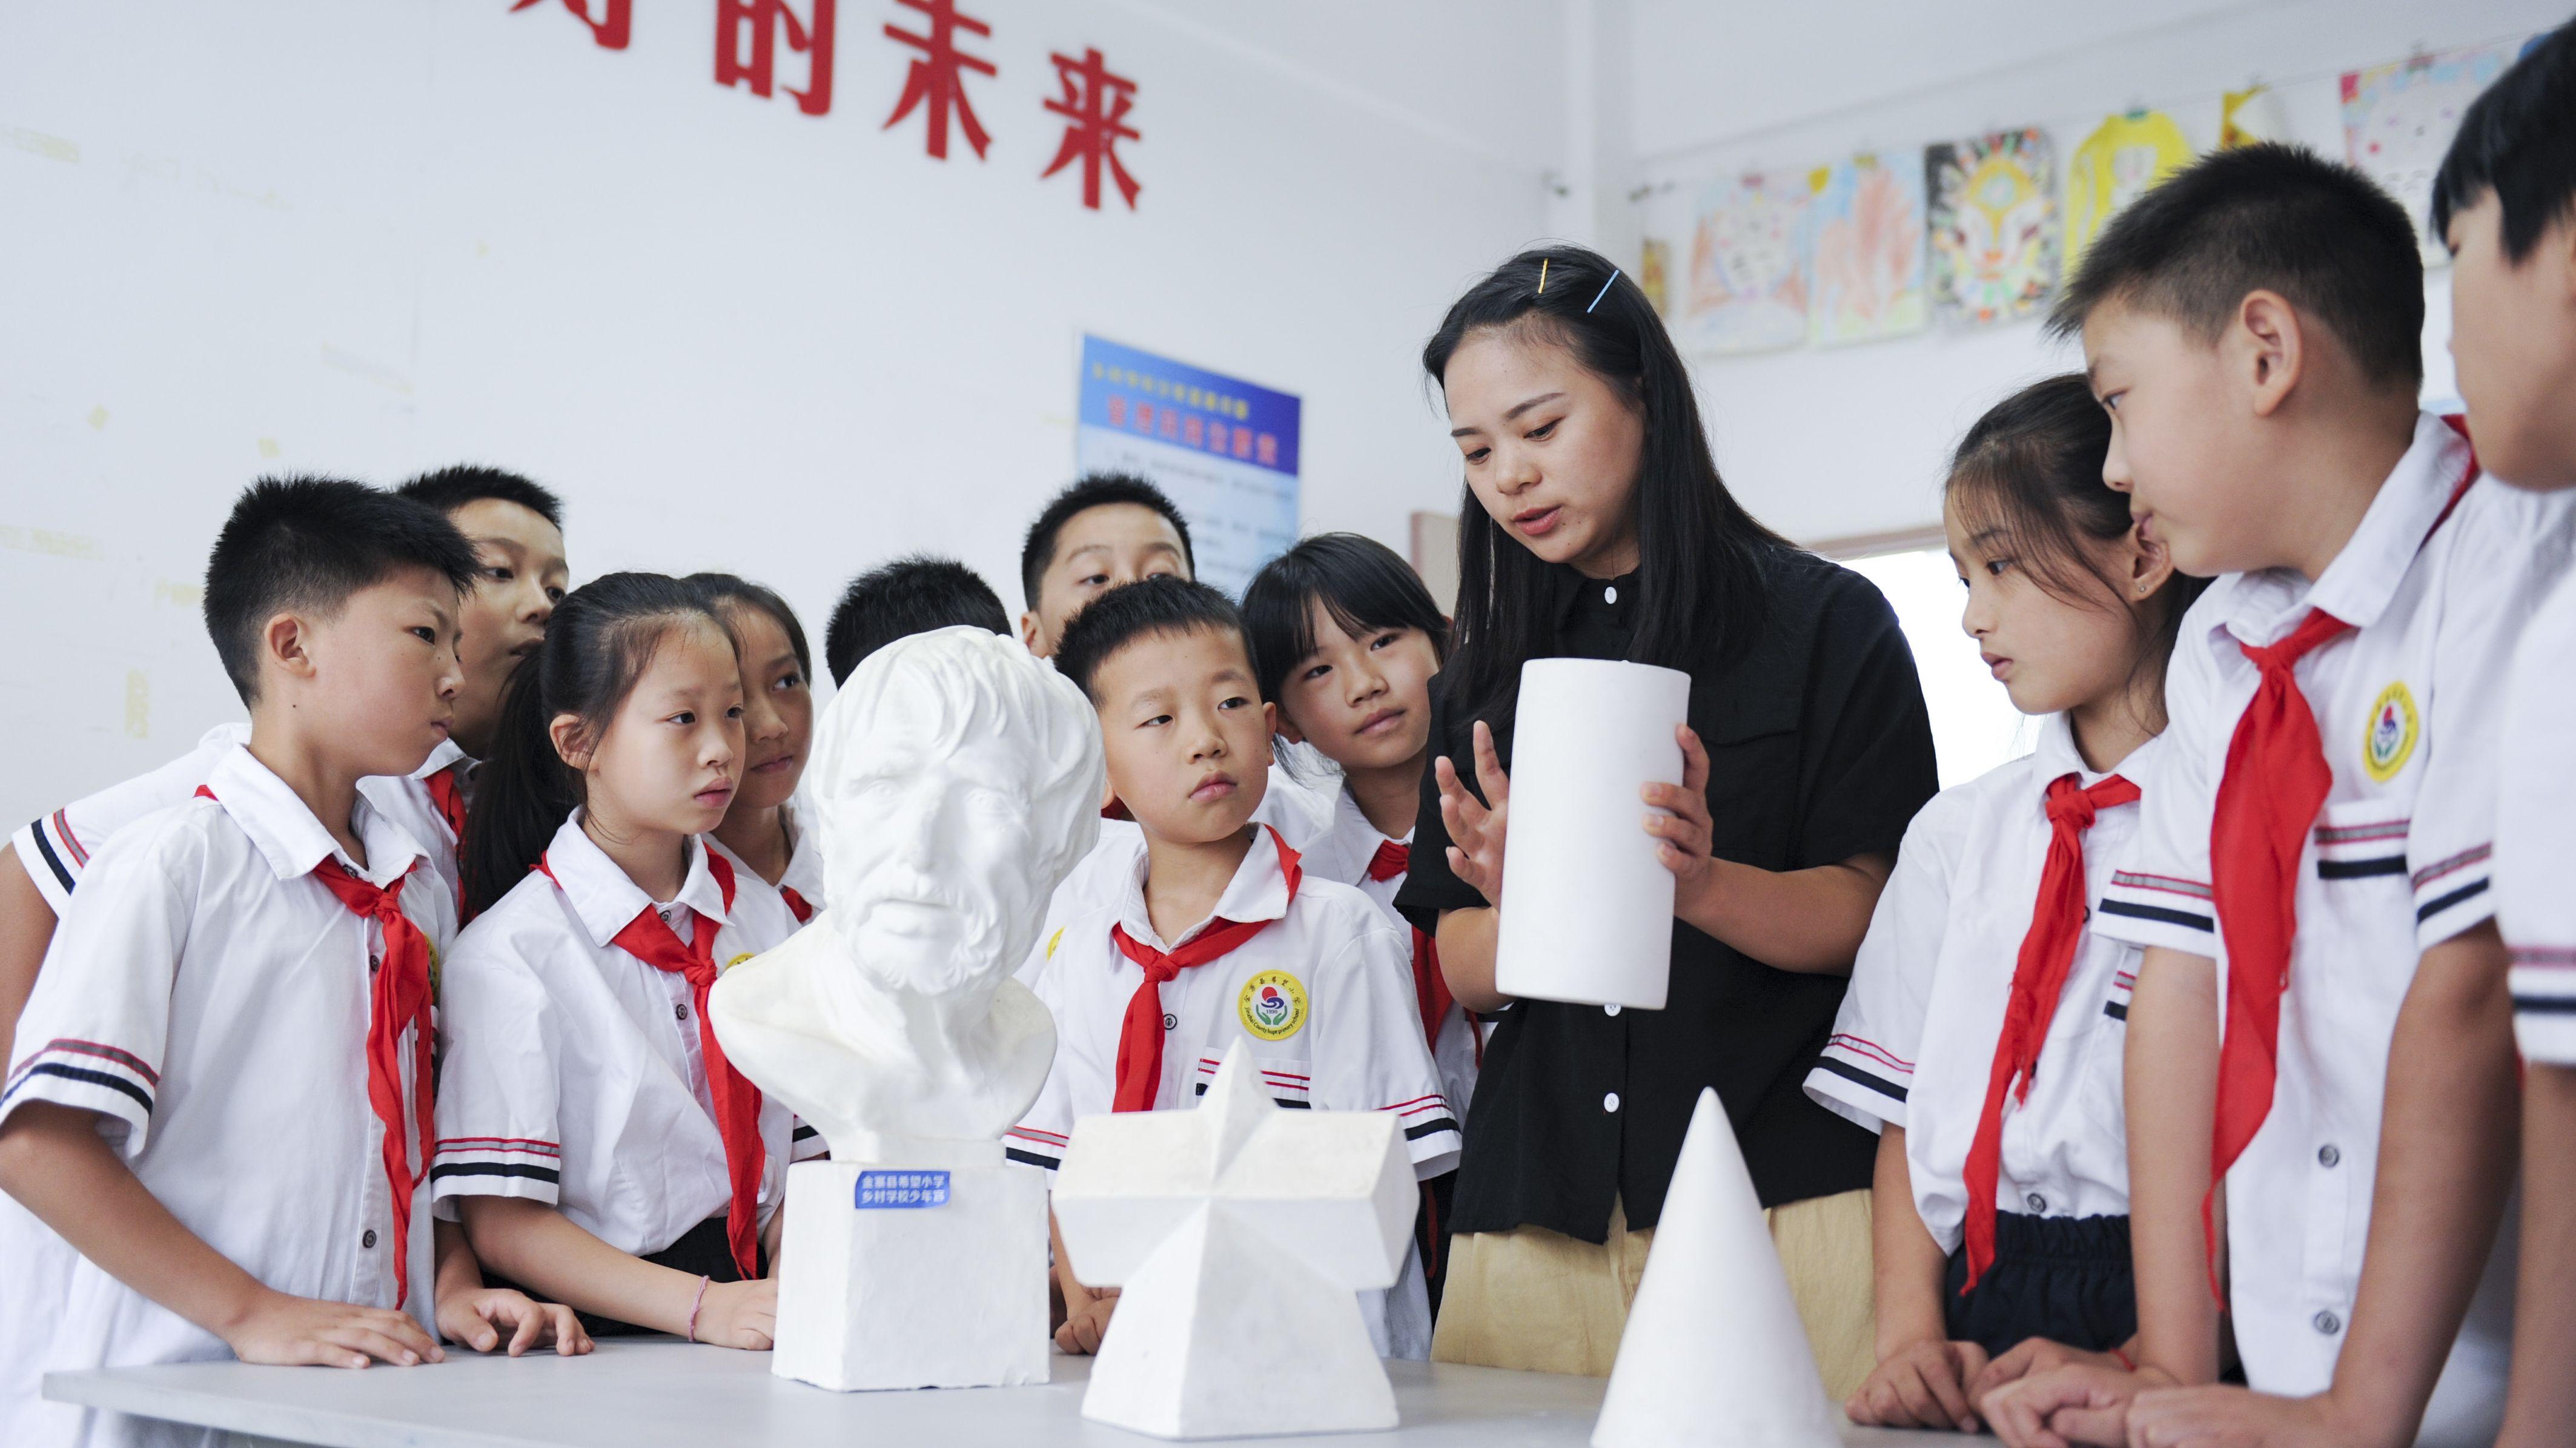 China: Kinder und Lehrerin am ersten Schultag einer Grundschule in Hefei